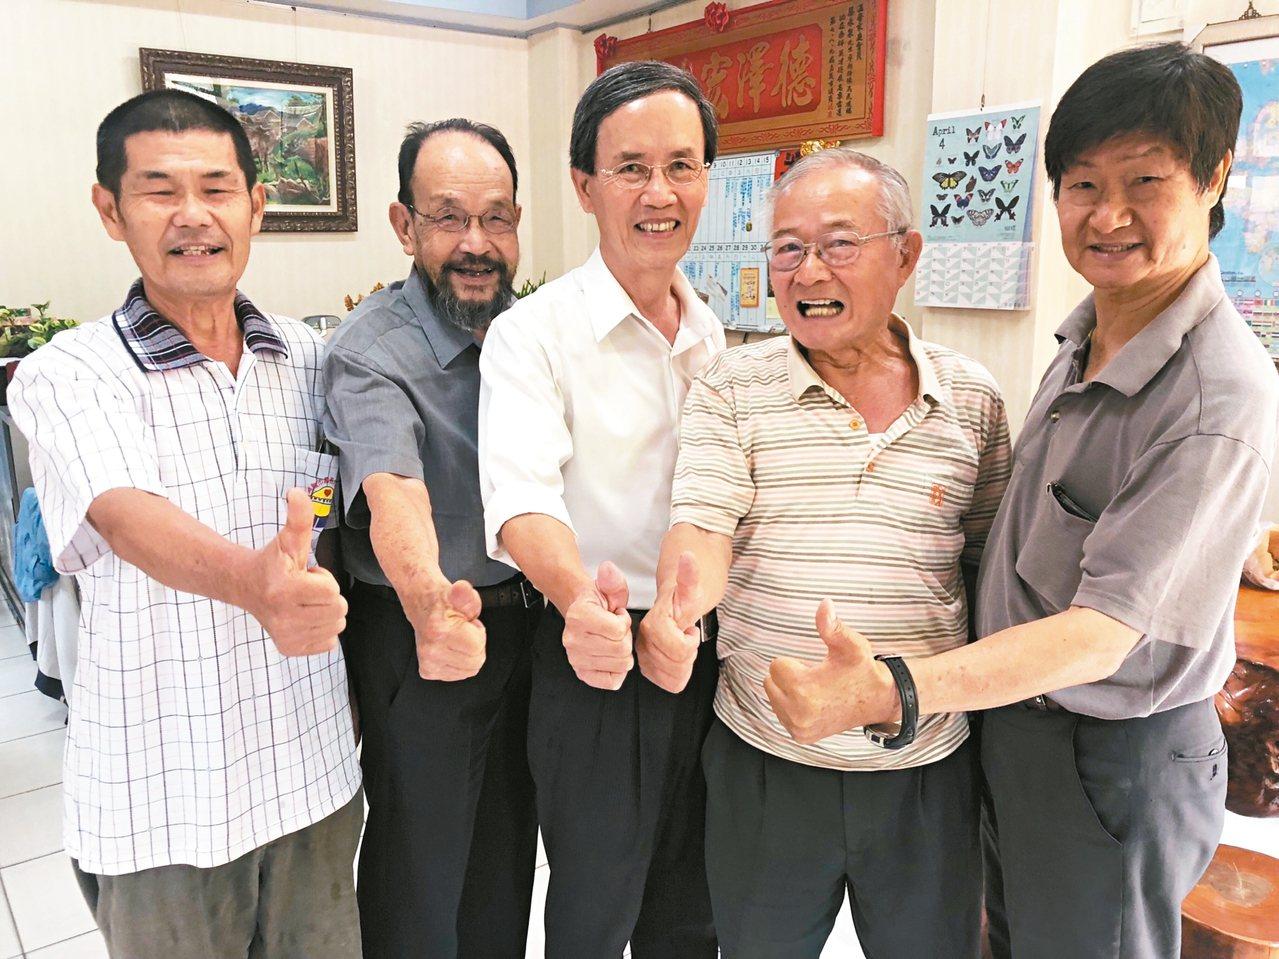 嘉義市議員蔡永泉日前在台聯黨成員的支持下,宣布投入選戰。 圖/聯合報系資料照片